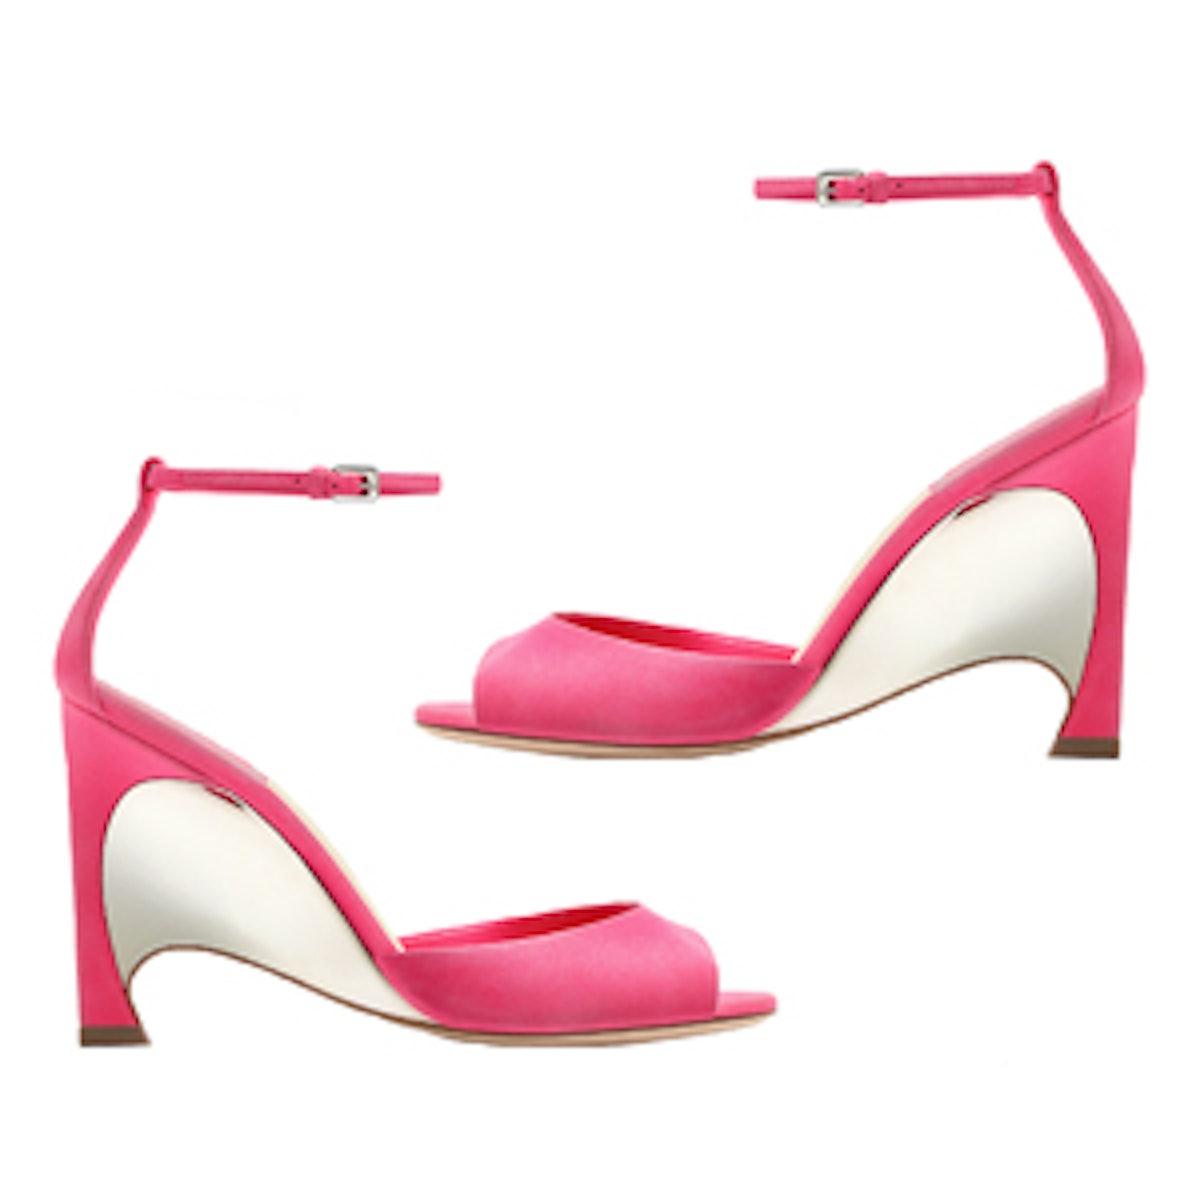 Fluorescent Pink Suede Calfskin Sandal